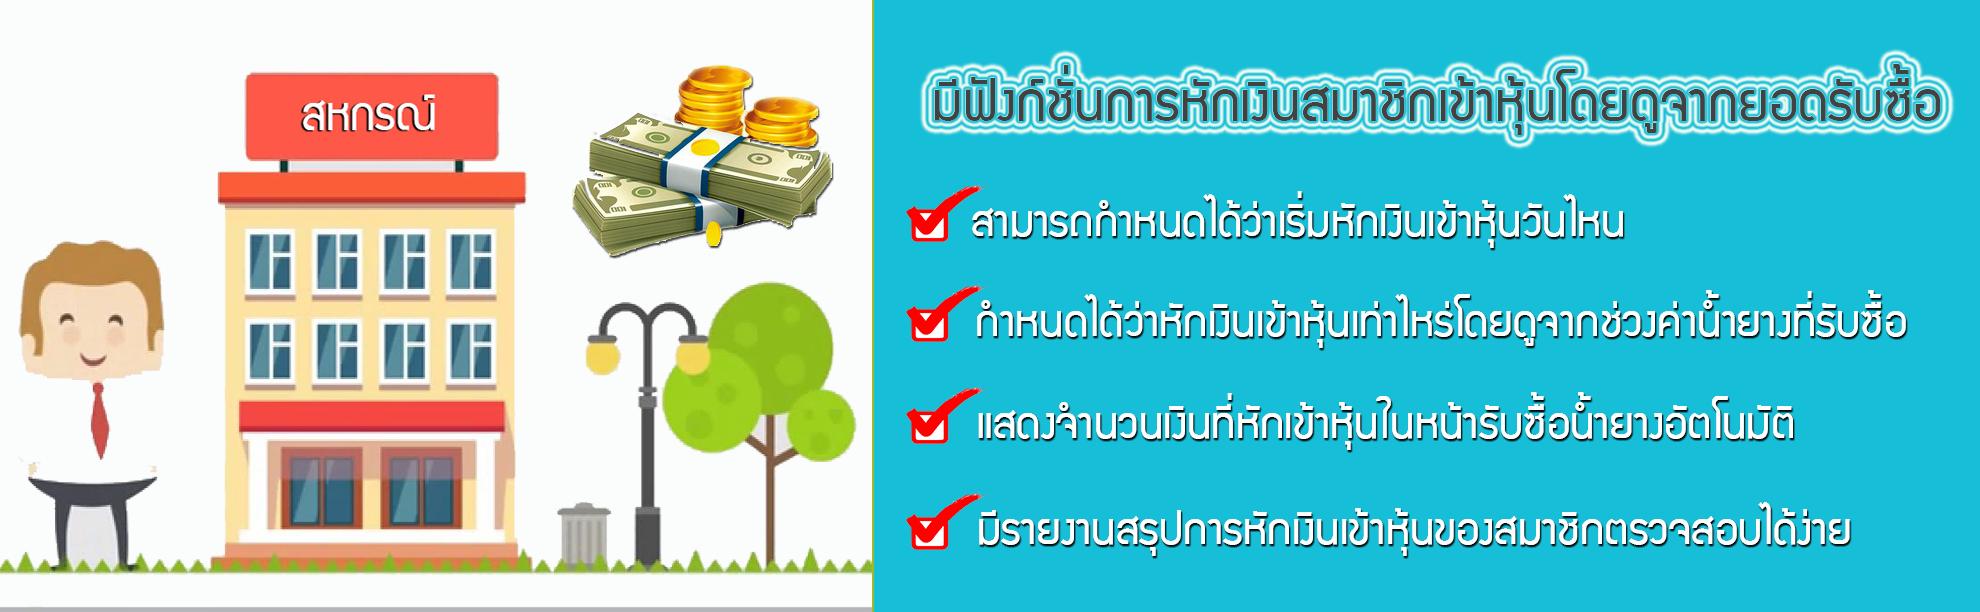 หักเงินสมาชิกเข้าหุ้นจากยอดรับซื้อ-ฟังก์ชั่นโปรแกรมสหกรณ์ thailatexcoop